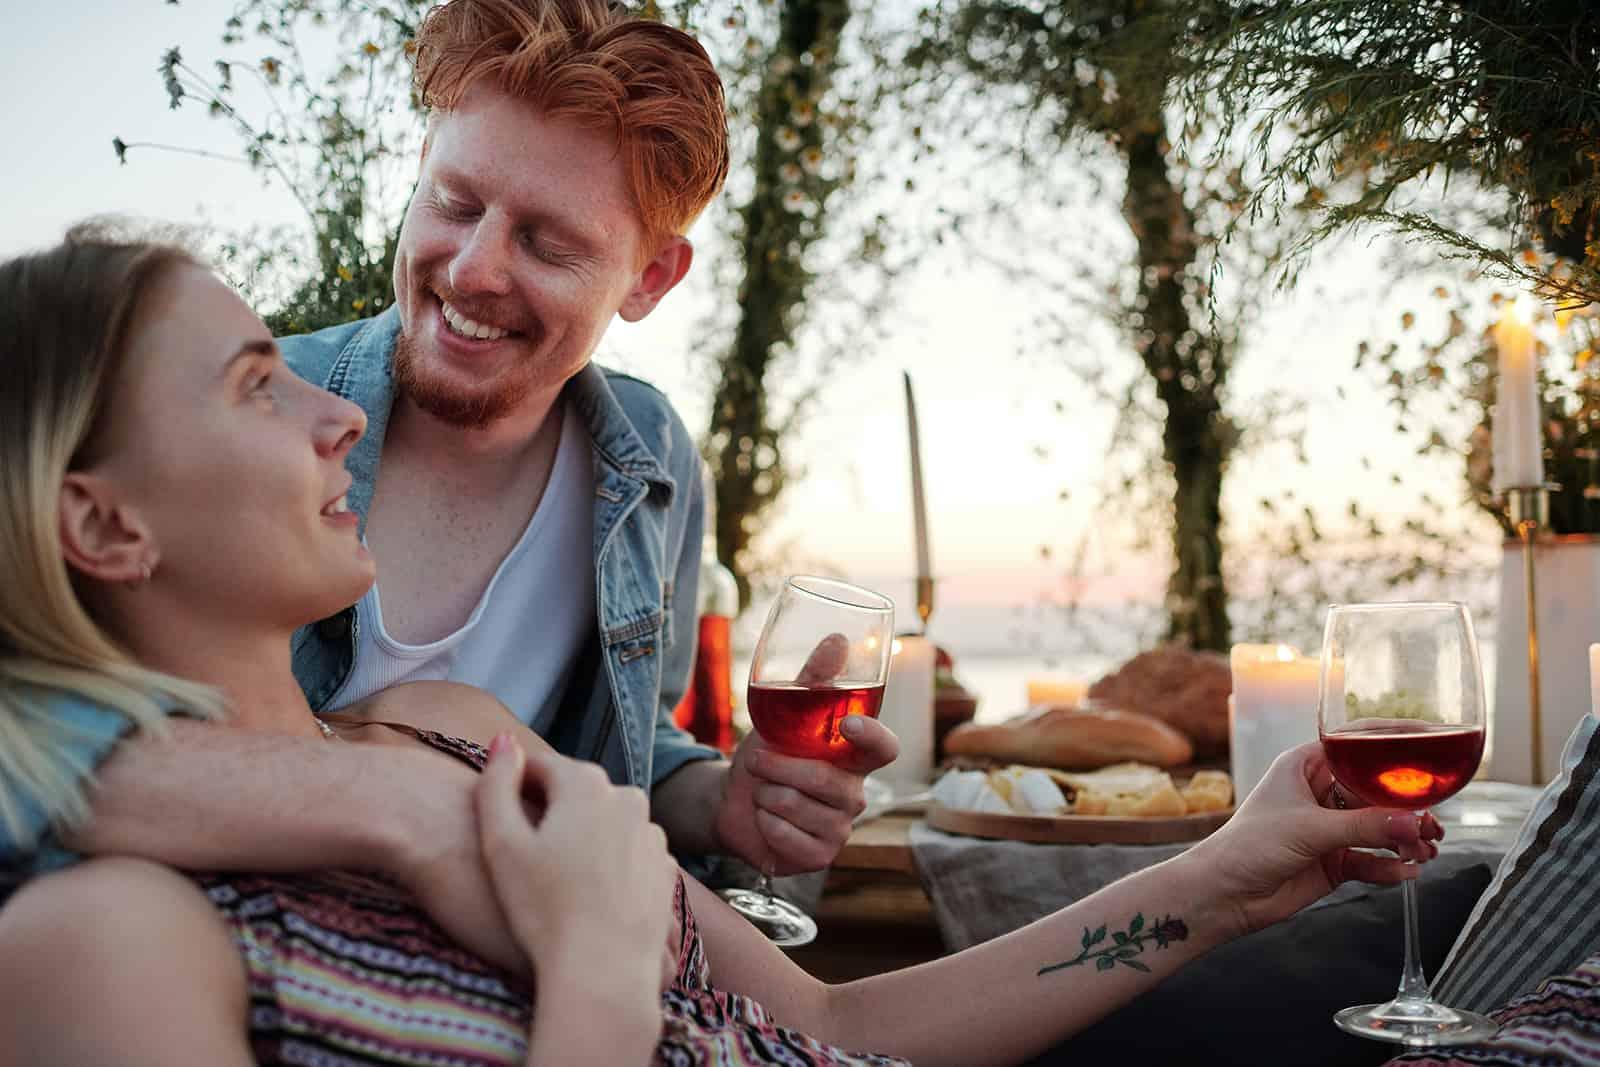 Un homme souriant embrassant sa petite amie lors d'un dîner romantique en plein air